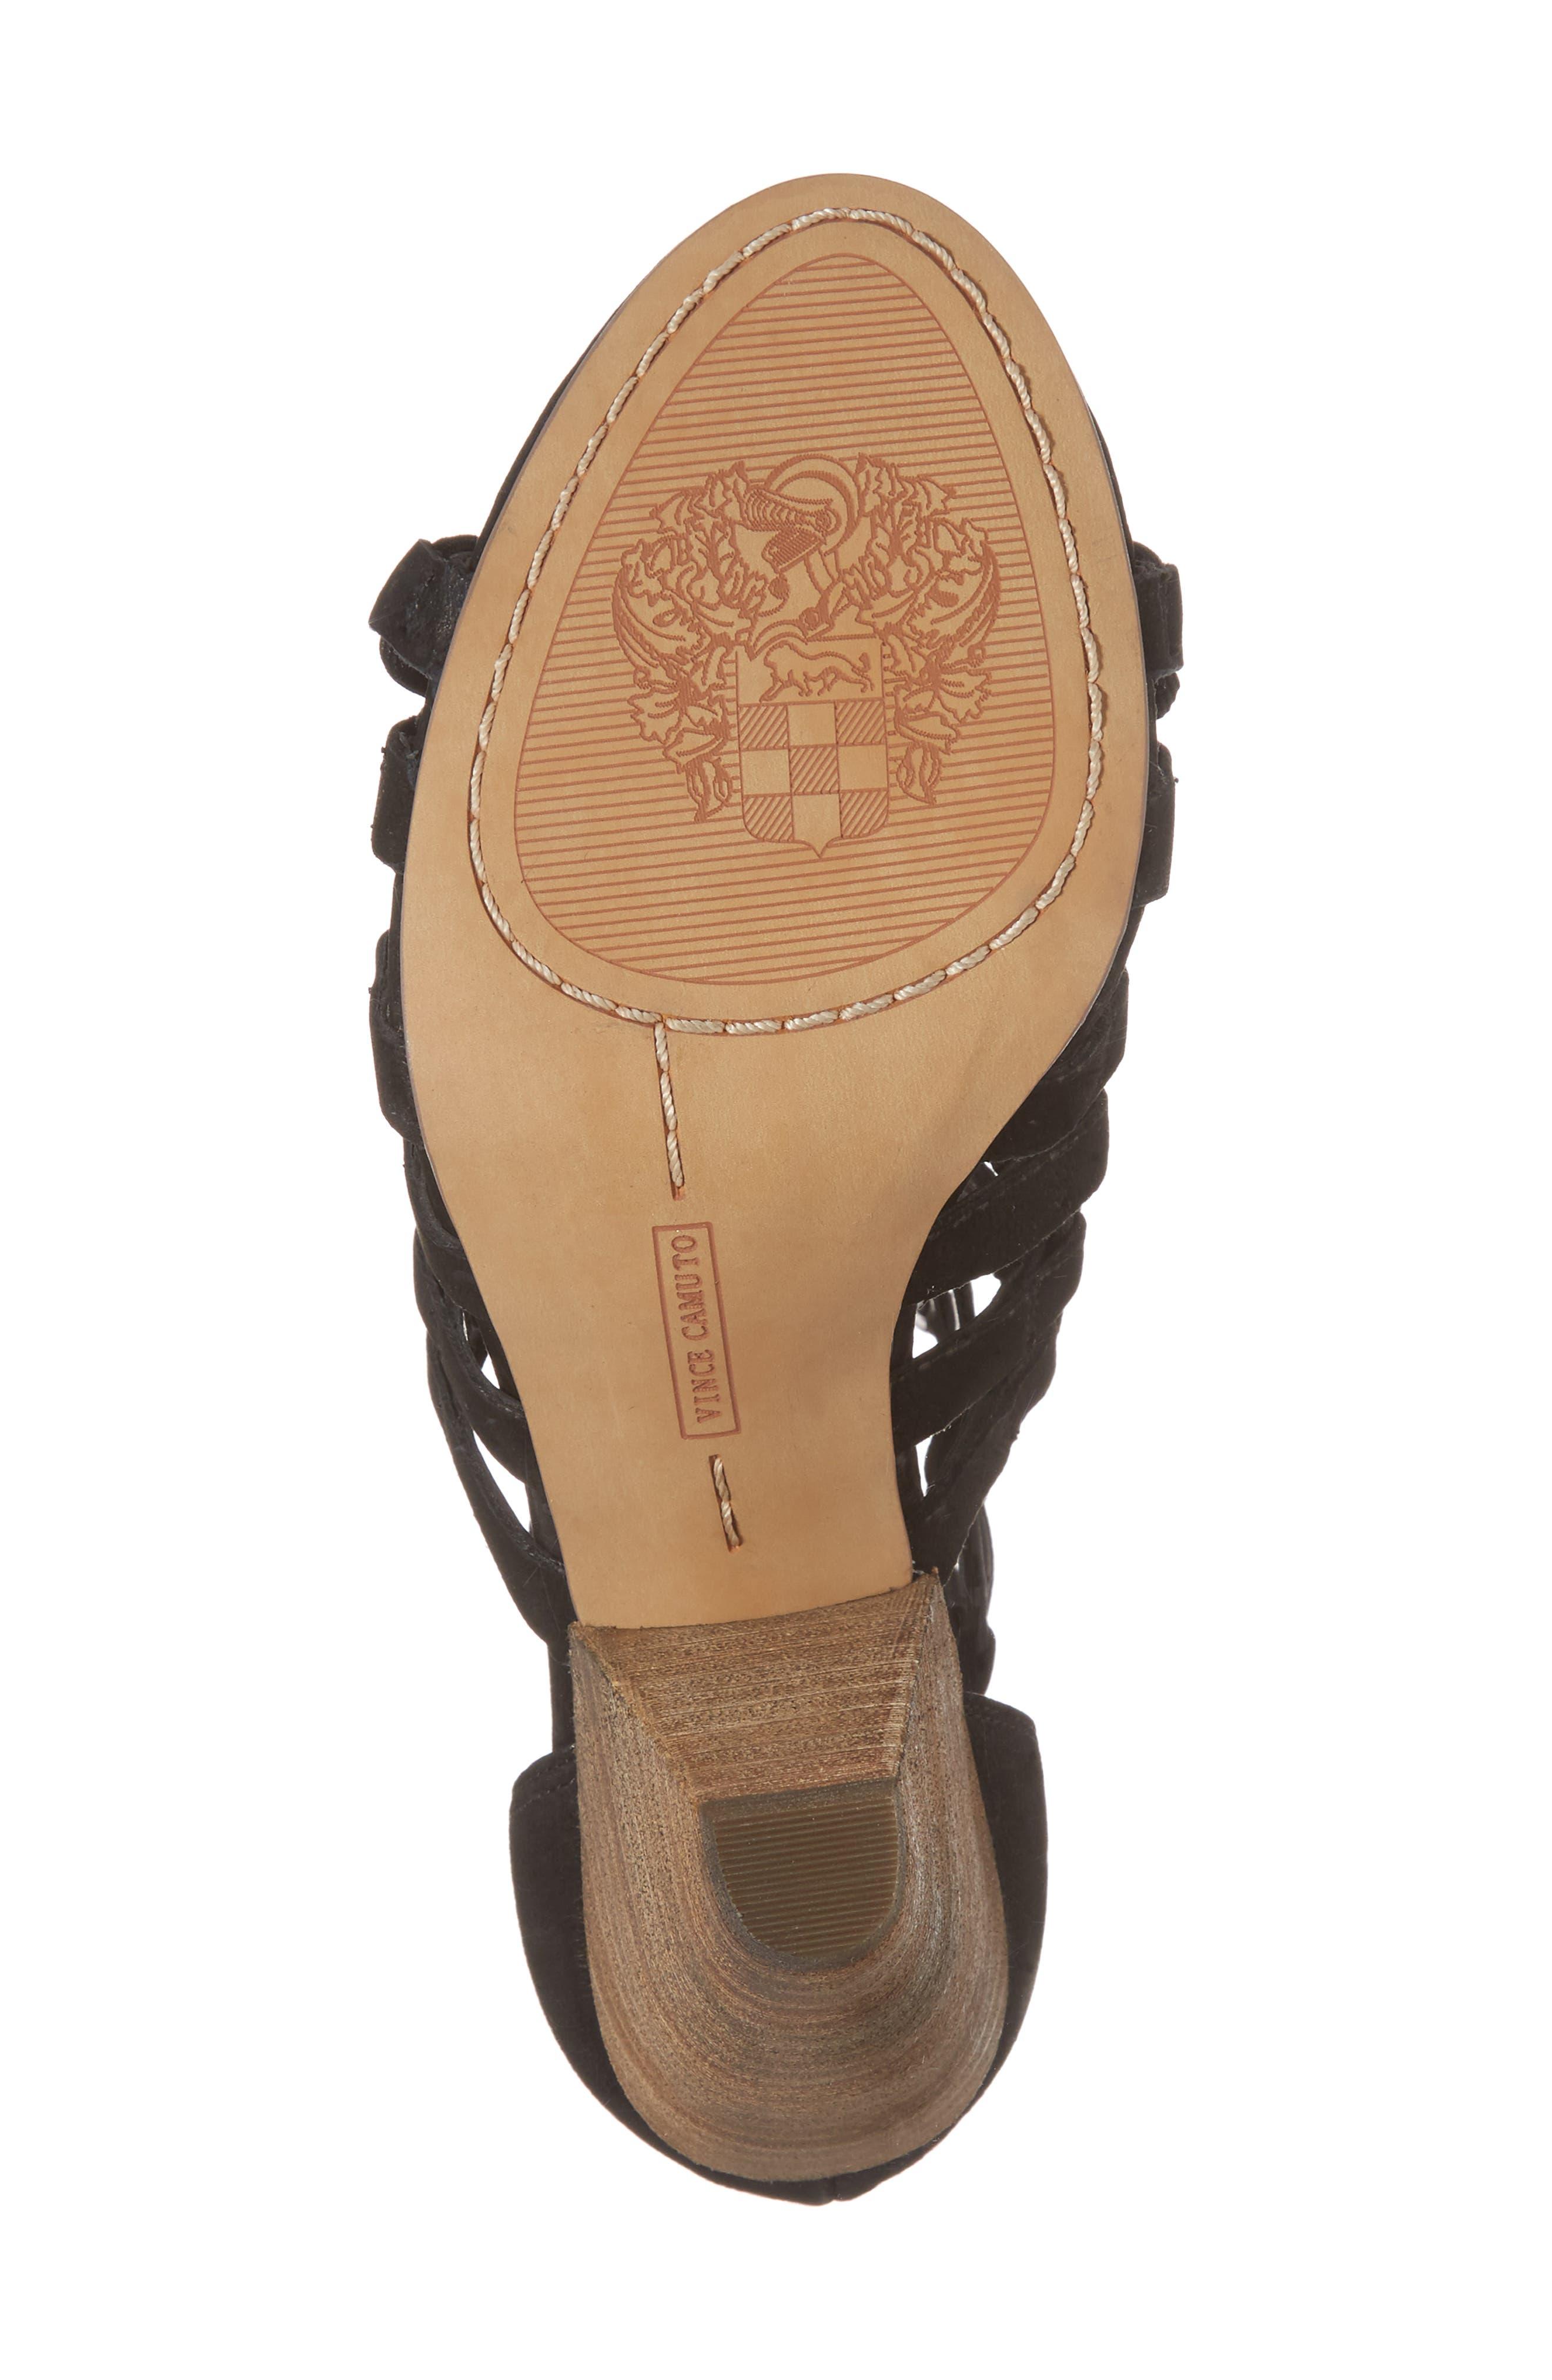 Elanso Sandal,                             Alternate thumbnail 6, color,                             Black Leather